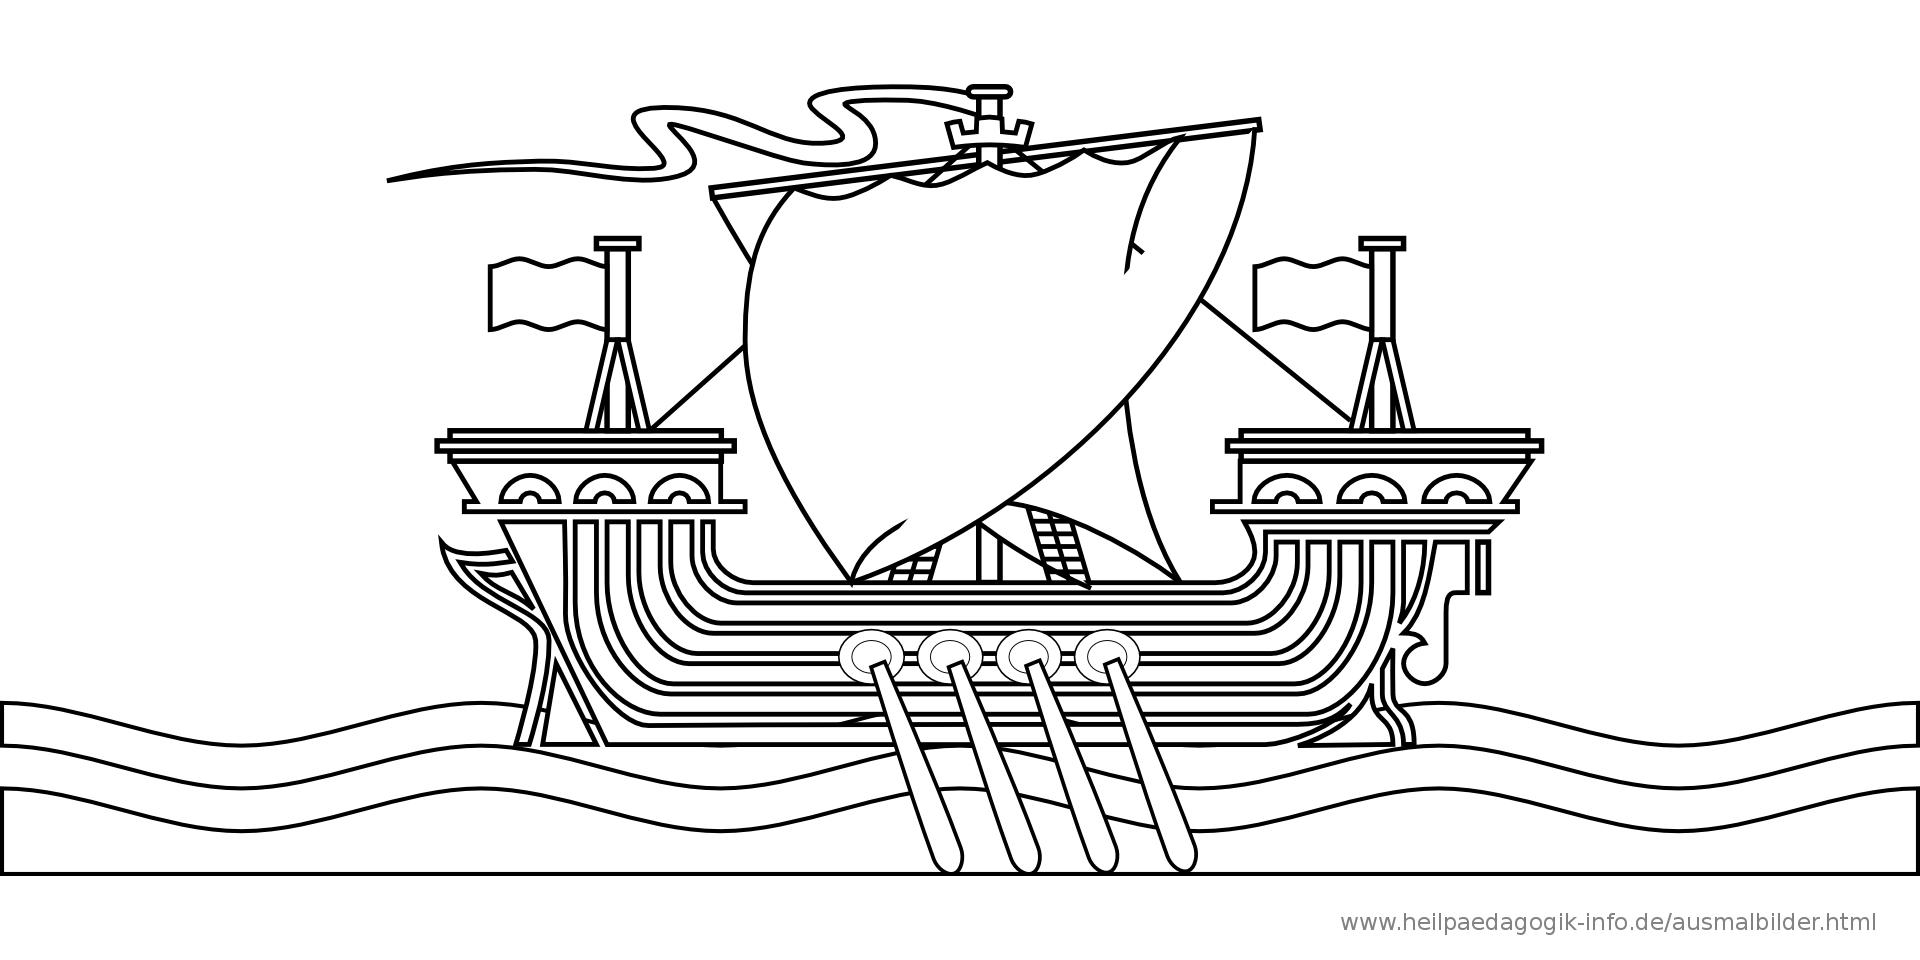 Ausmalbilder Schiffe Und Boote für Ausmalbild Schiff